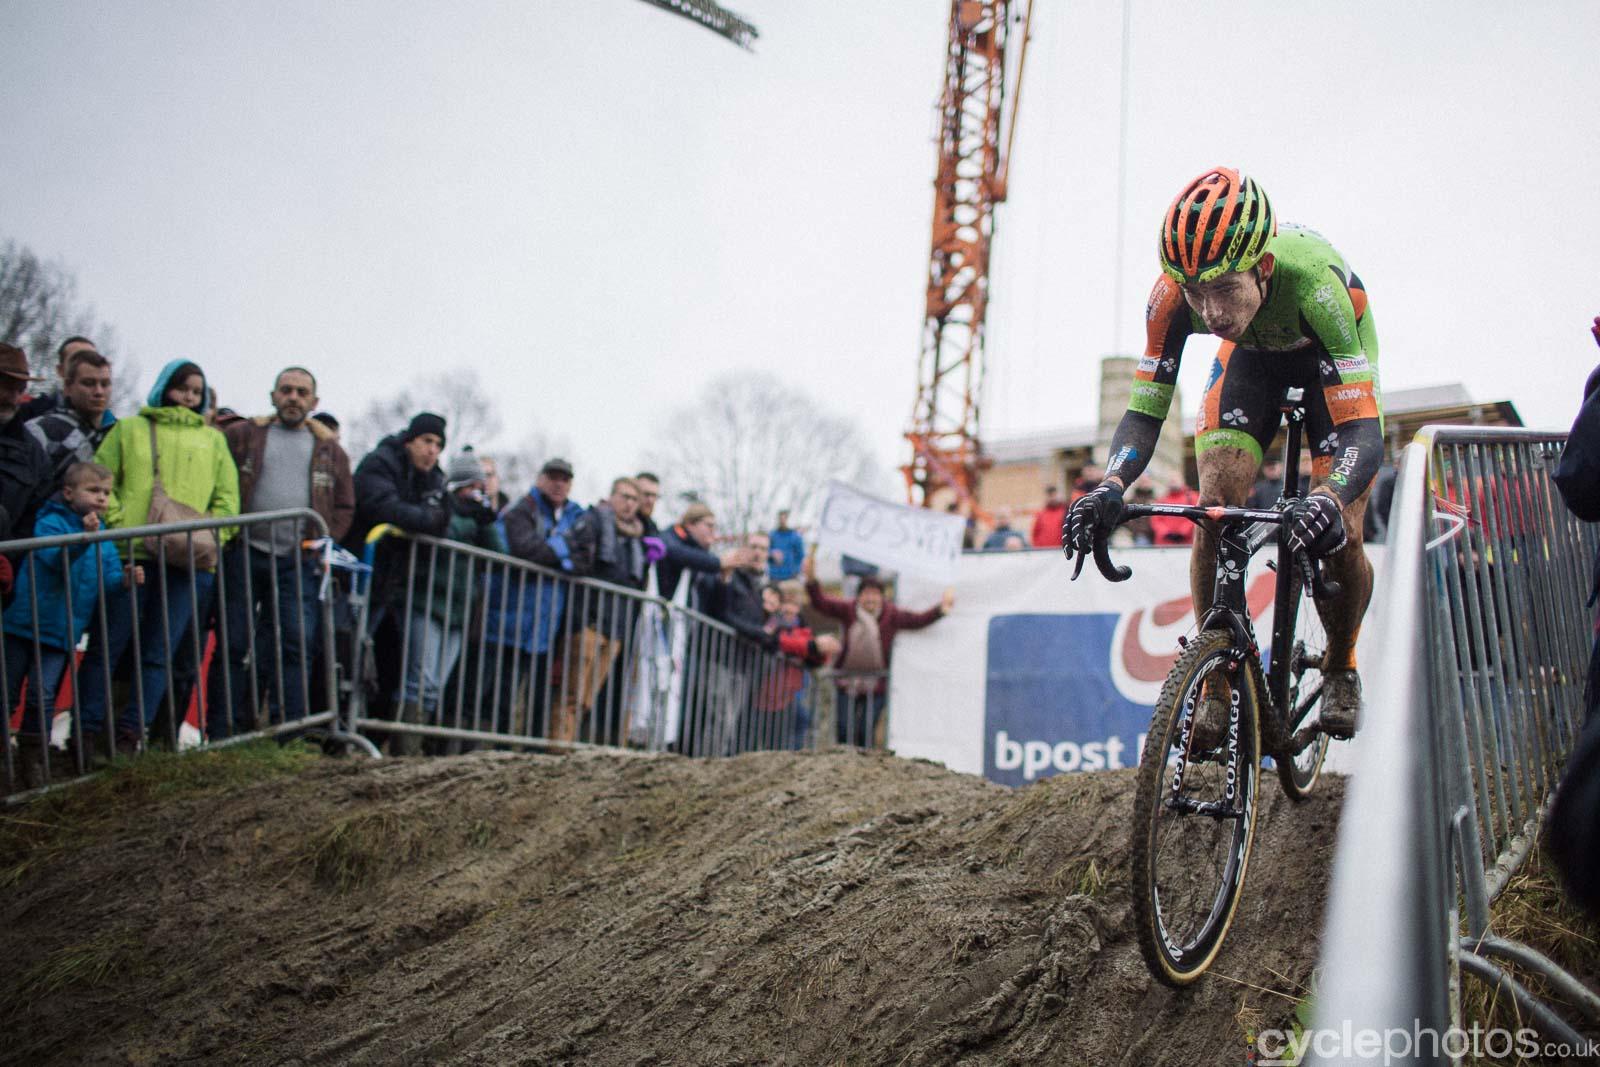 2016-cyclephotos-cyclocross-gpsvennys-153210-wout-van-aert